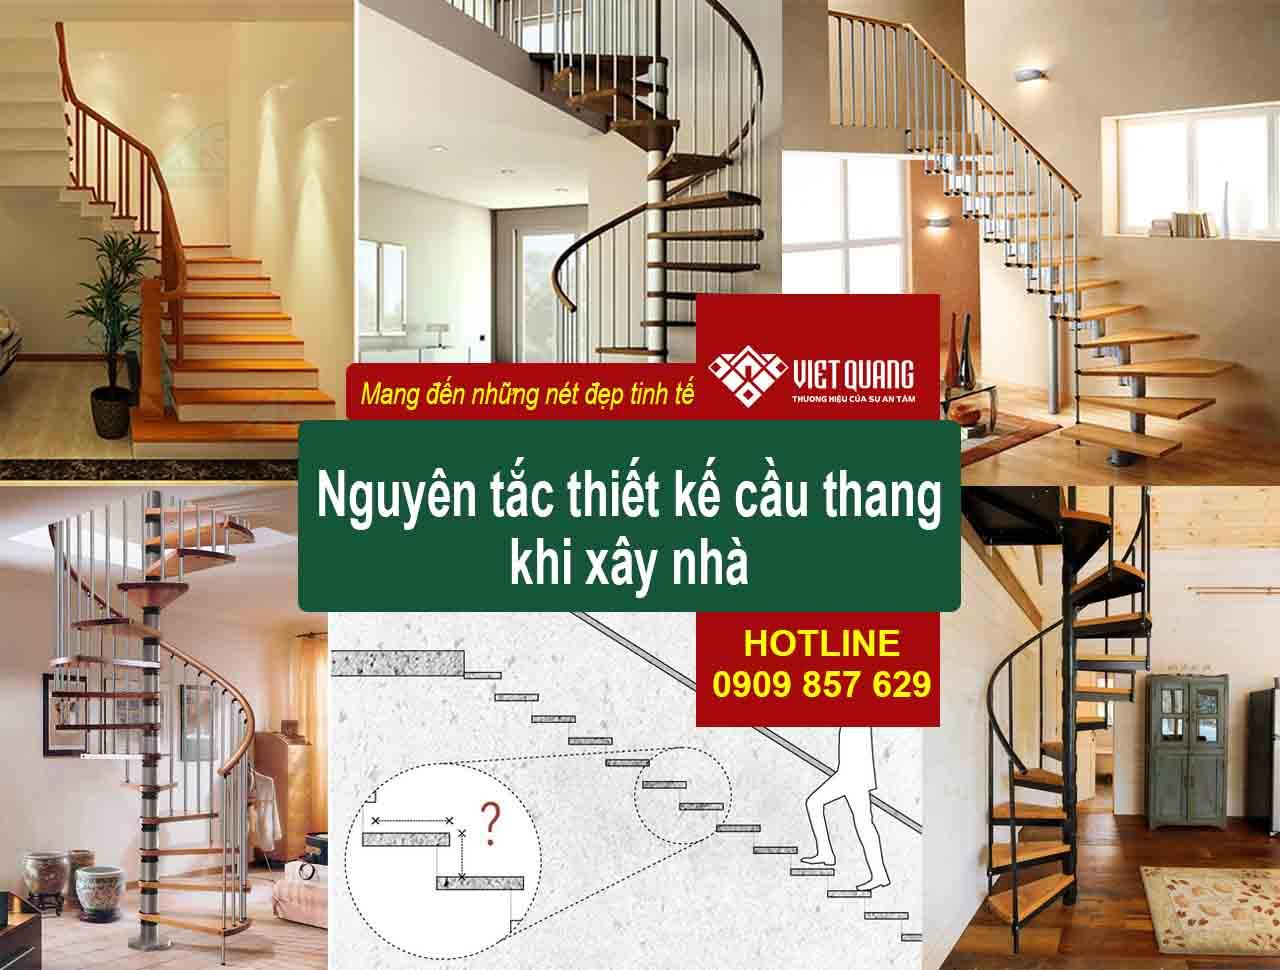 Nguyên tắc thiết kế cầu thang khi xây nhà